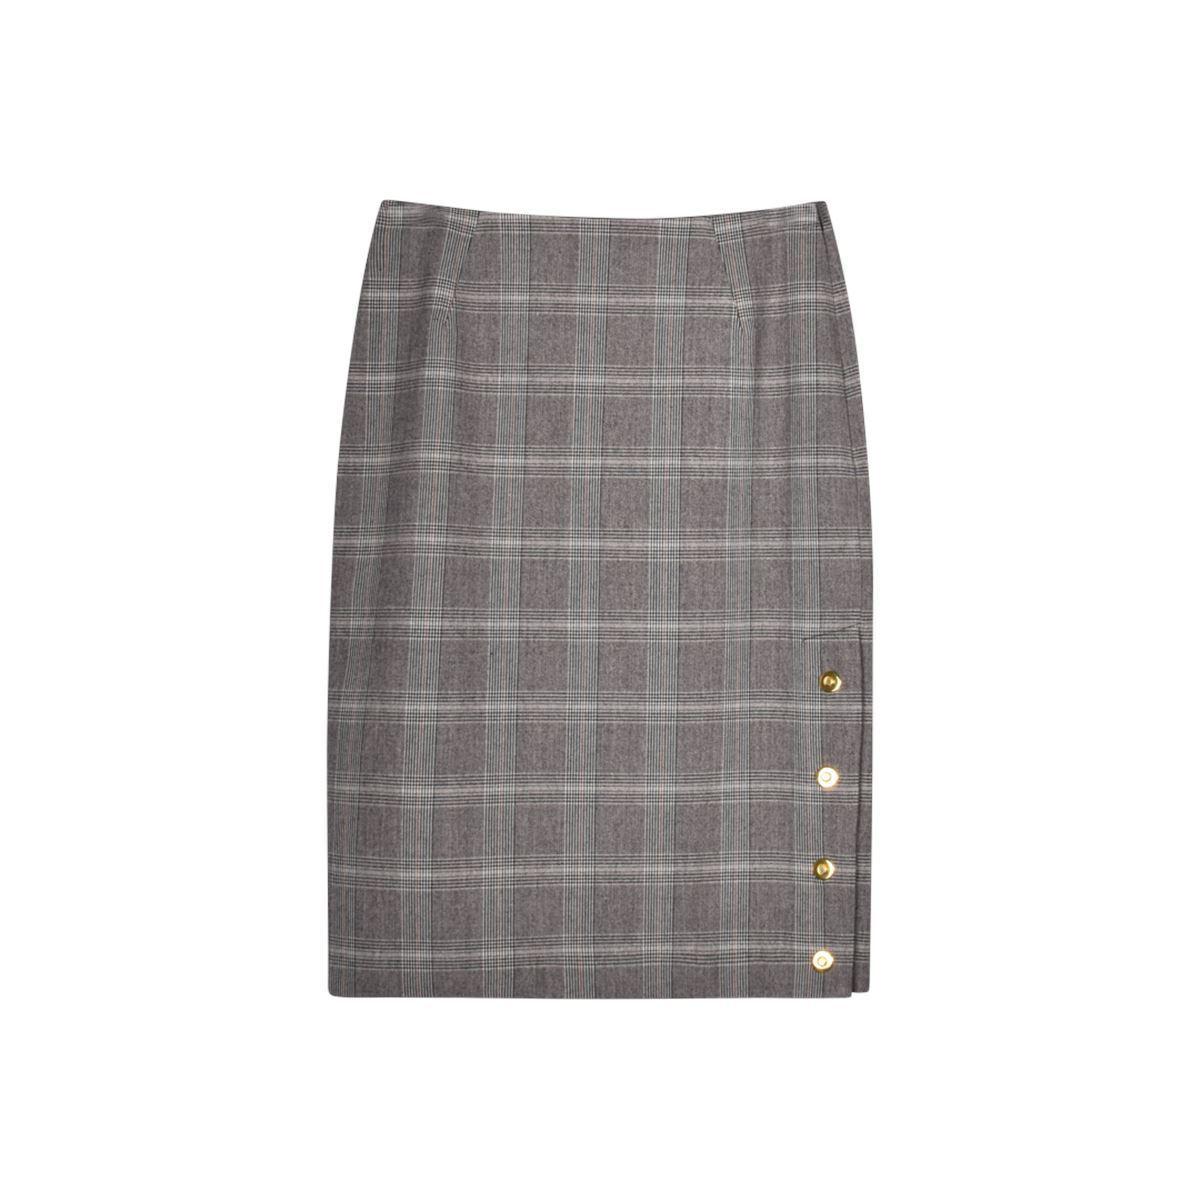 SVNTY ANTWERP Kimper Skirt Size S Orig.  183 NWT